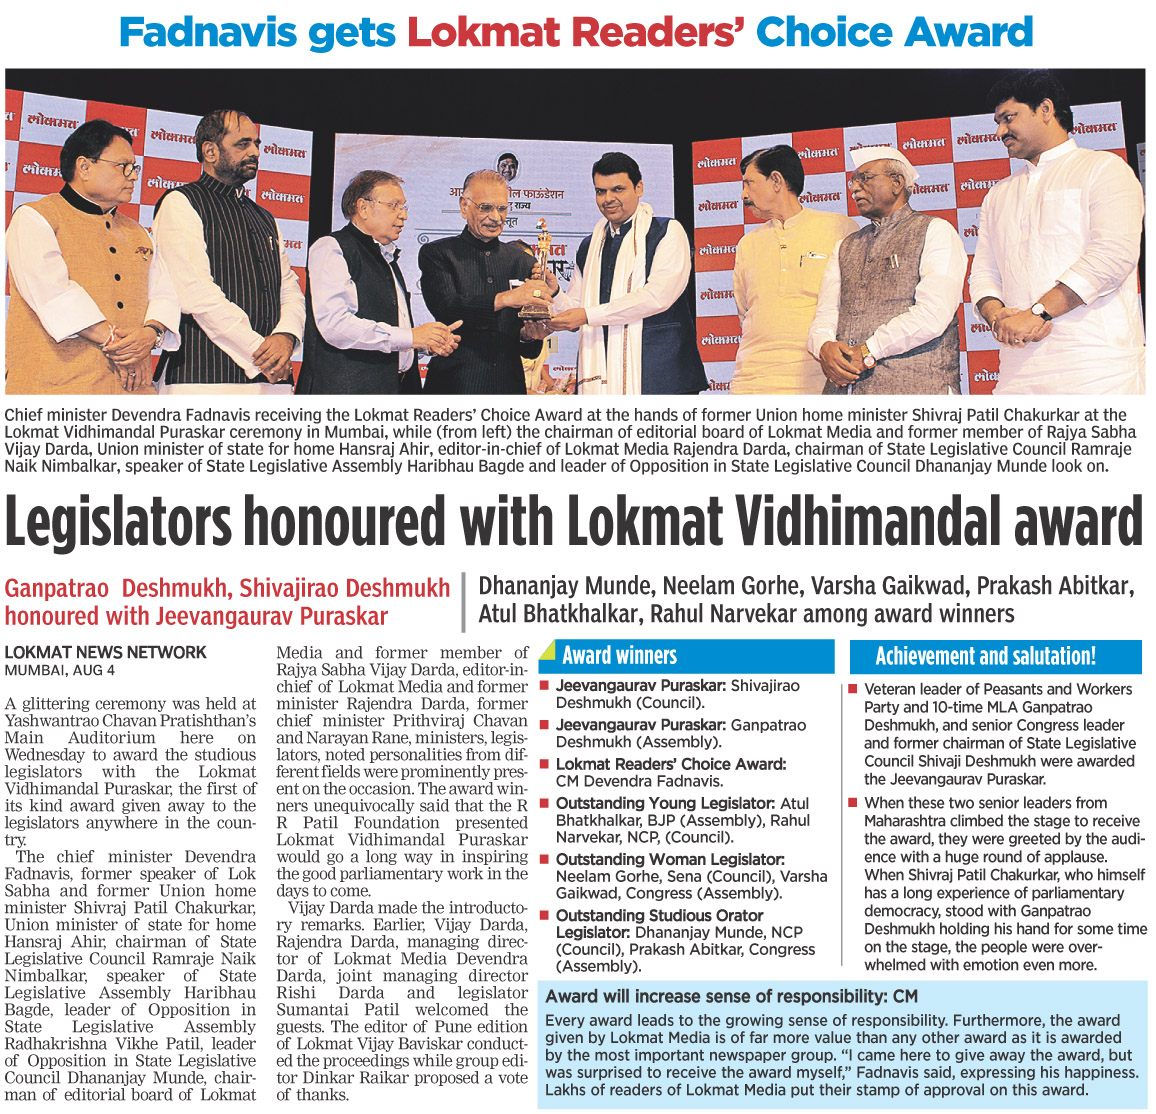 Legislators honoured with Lokmat Vidhimandal award